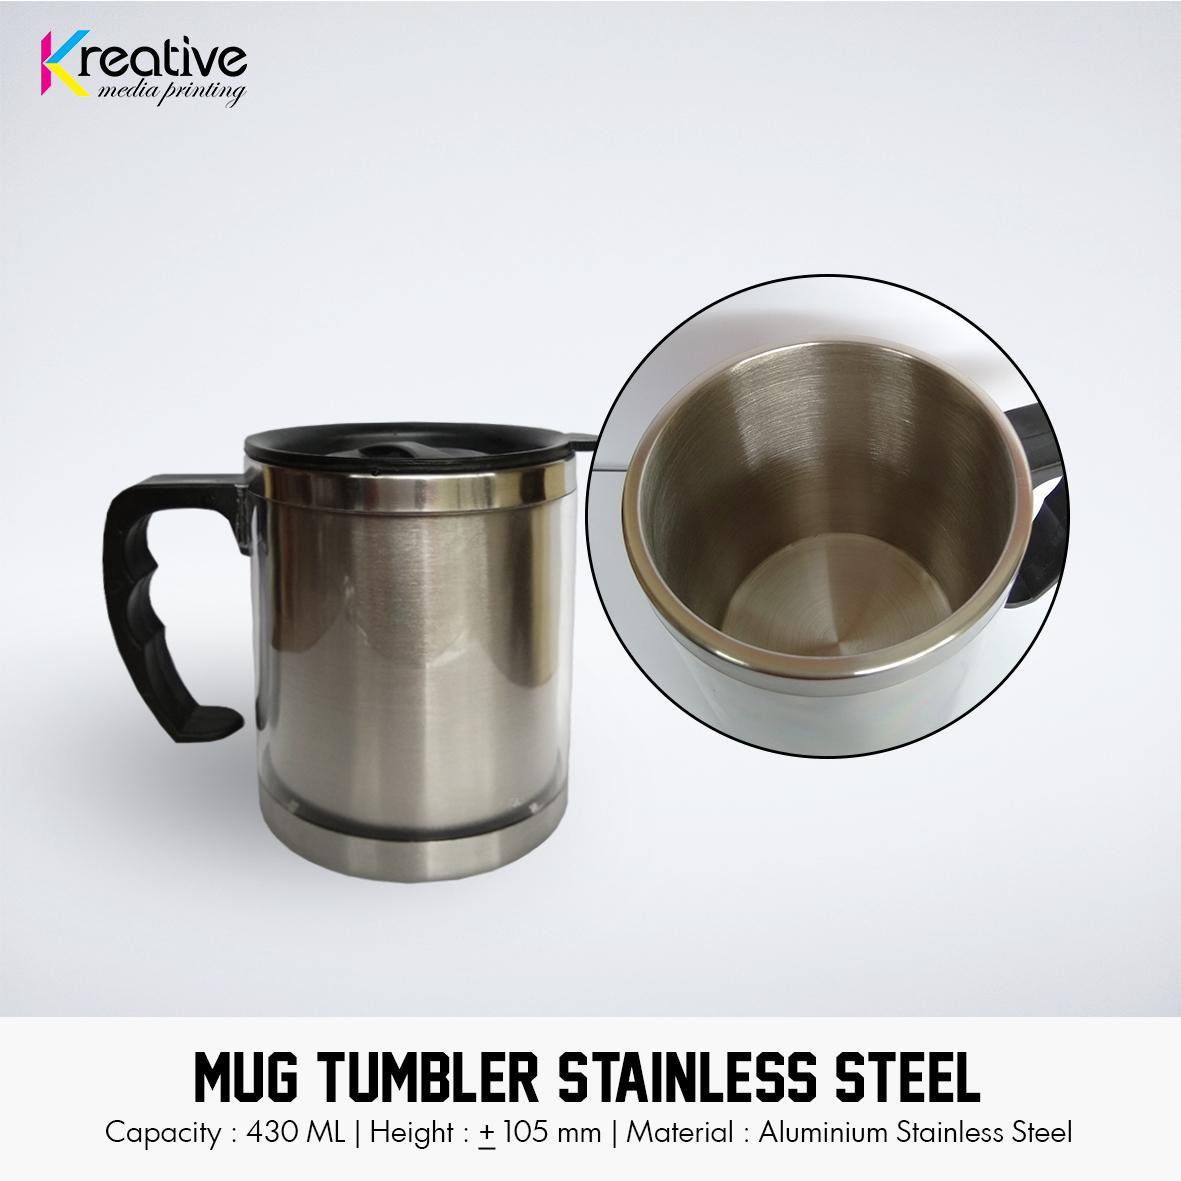 Mug Tumbler Stainless Steel (2)